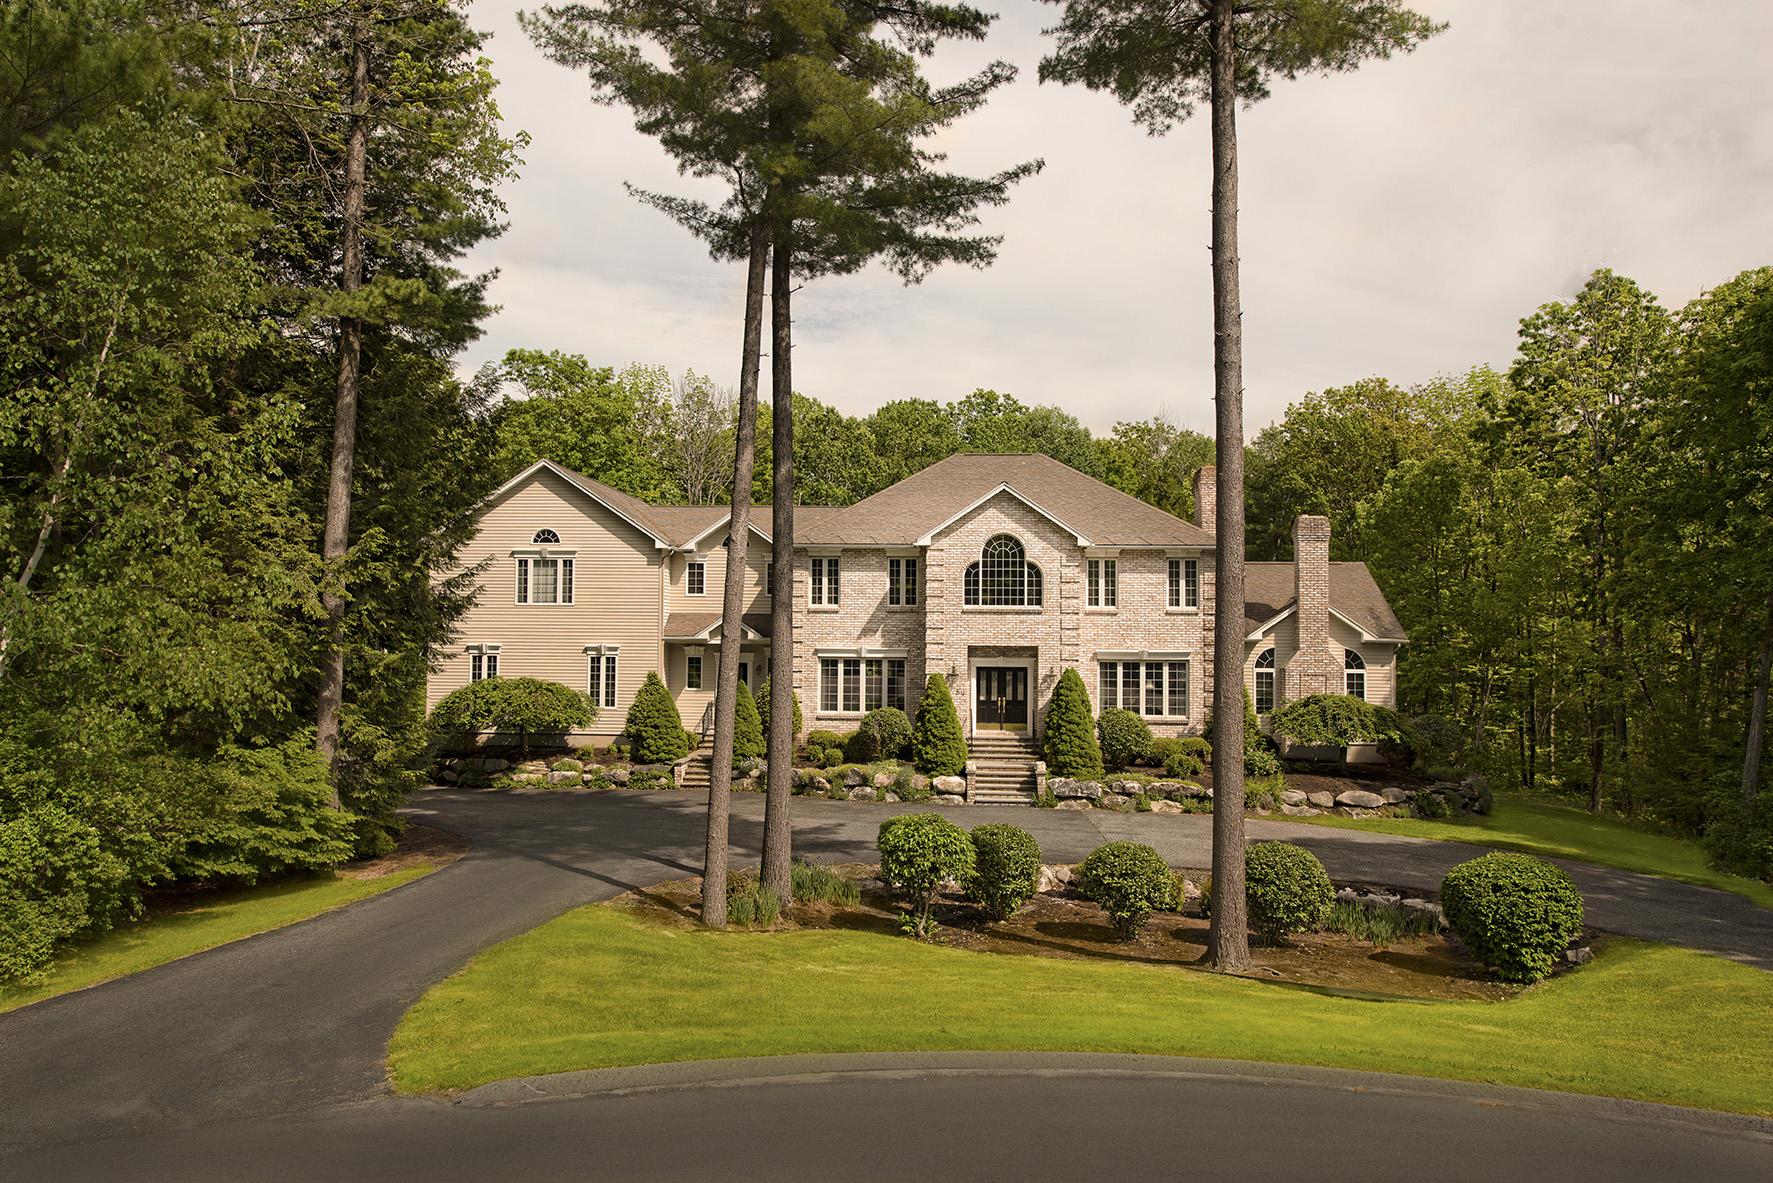 Tek Ailelik Ev için Satış at Outstanding Custom Built Lenox Home 89 Dunmore Ct Lenox, Massachusetts, 01240 Amerika Birleşik Devletleri